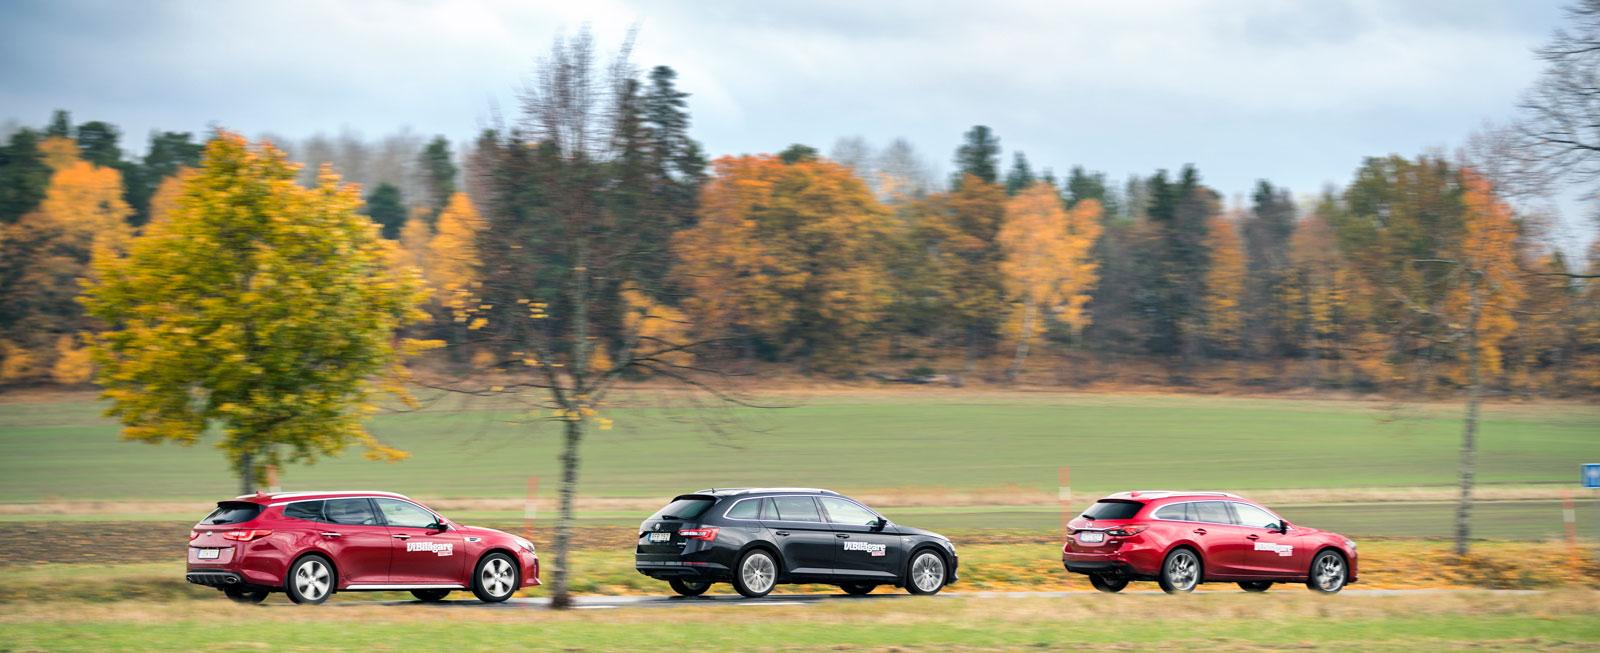 Med samma kulör hade det varit svårt att skilja på Kia Optima, Skoda Superb och Mazda 6.